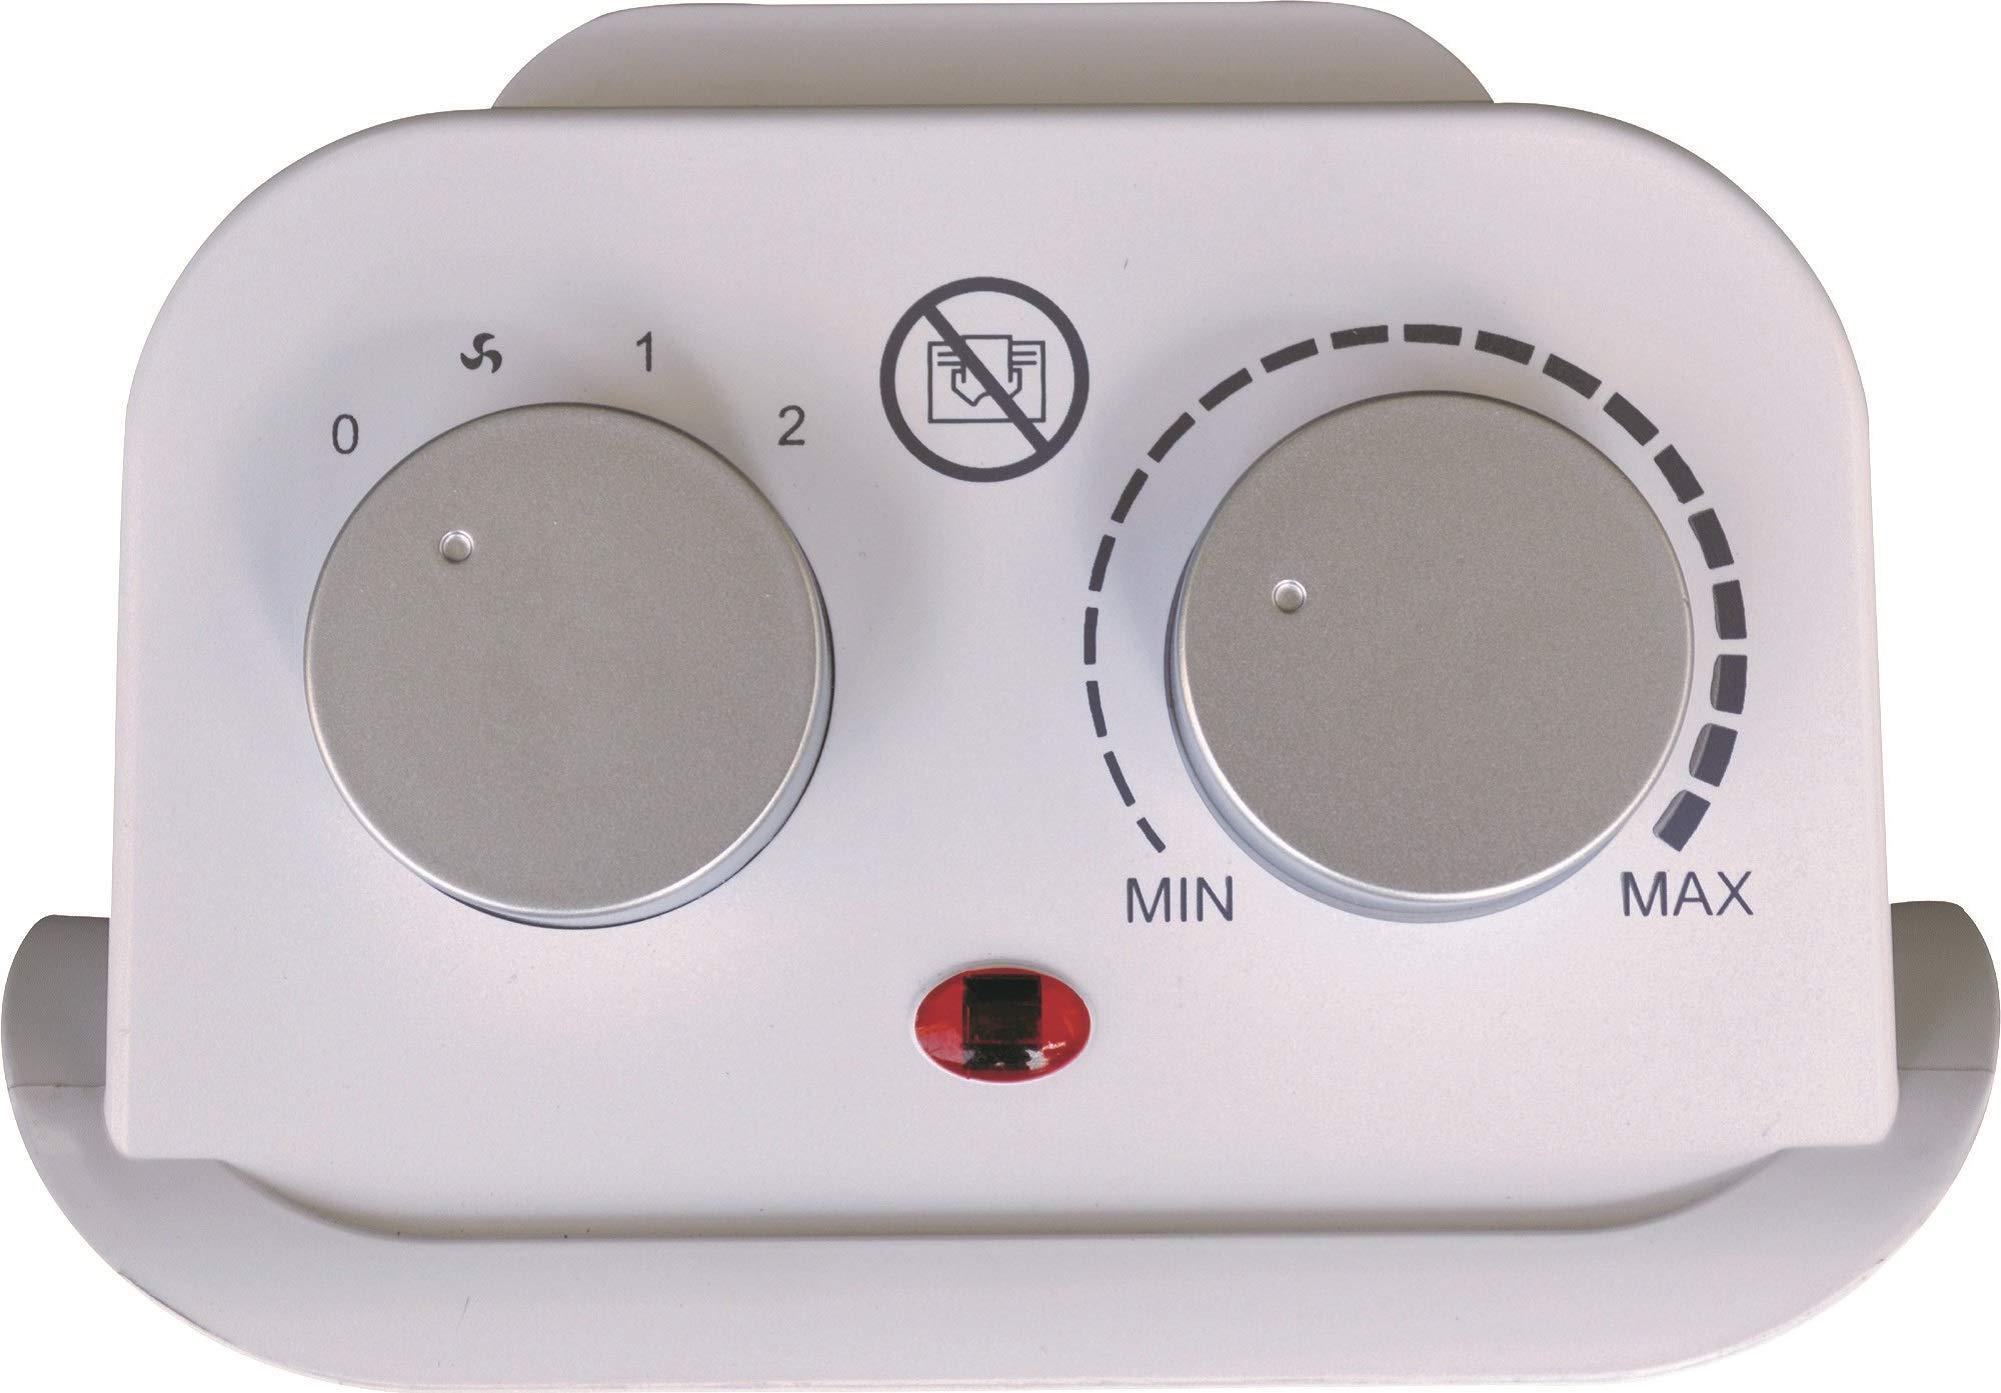 Argo-Boogie-Plus-Termoventilatore-Ceramico-a-Torre-2-Modalit-di-Riscaldamento-Eco-e-Comfort-BiancoArgento